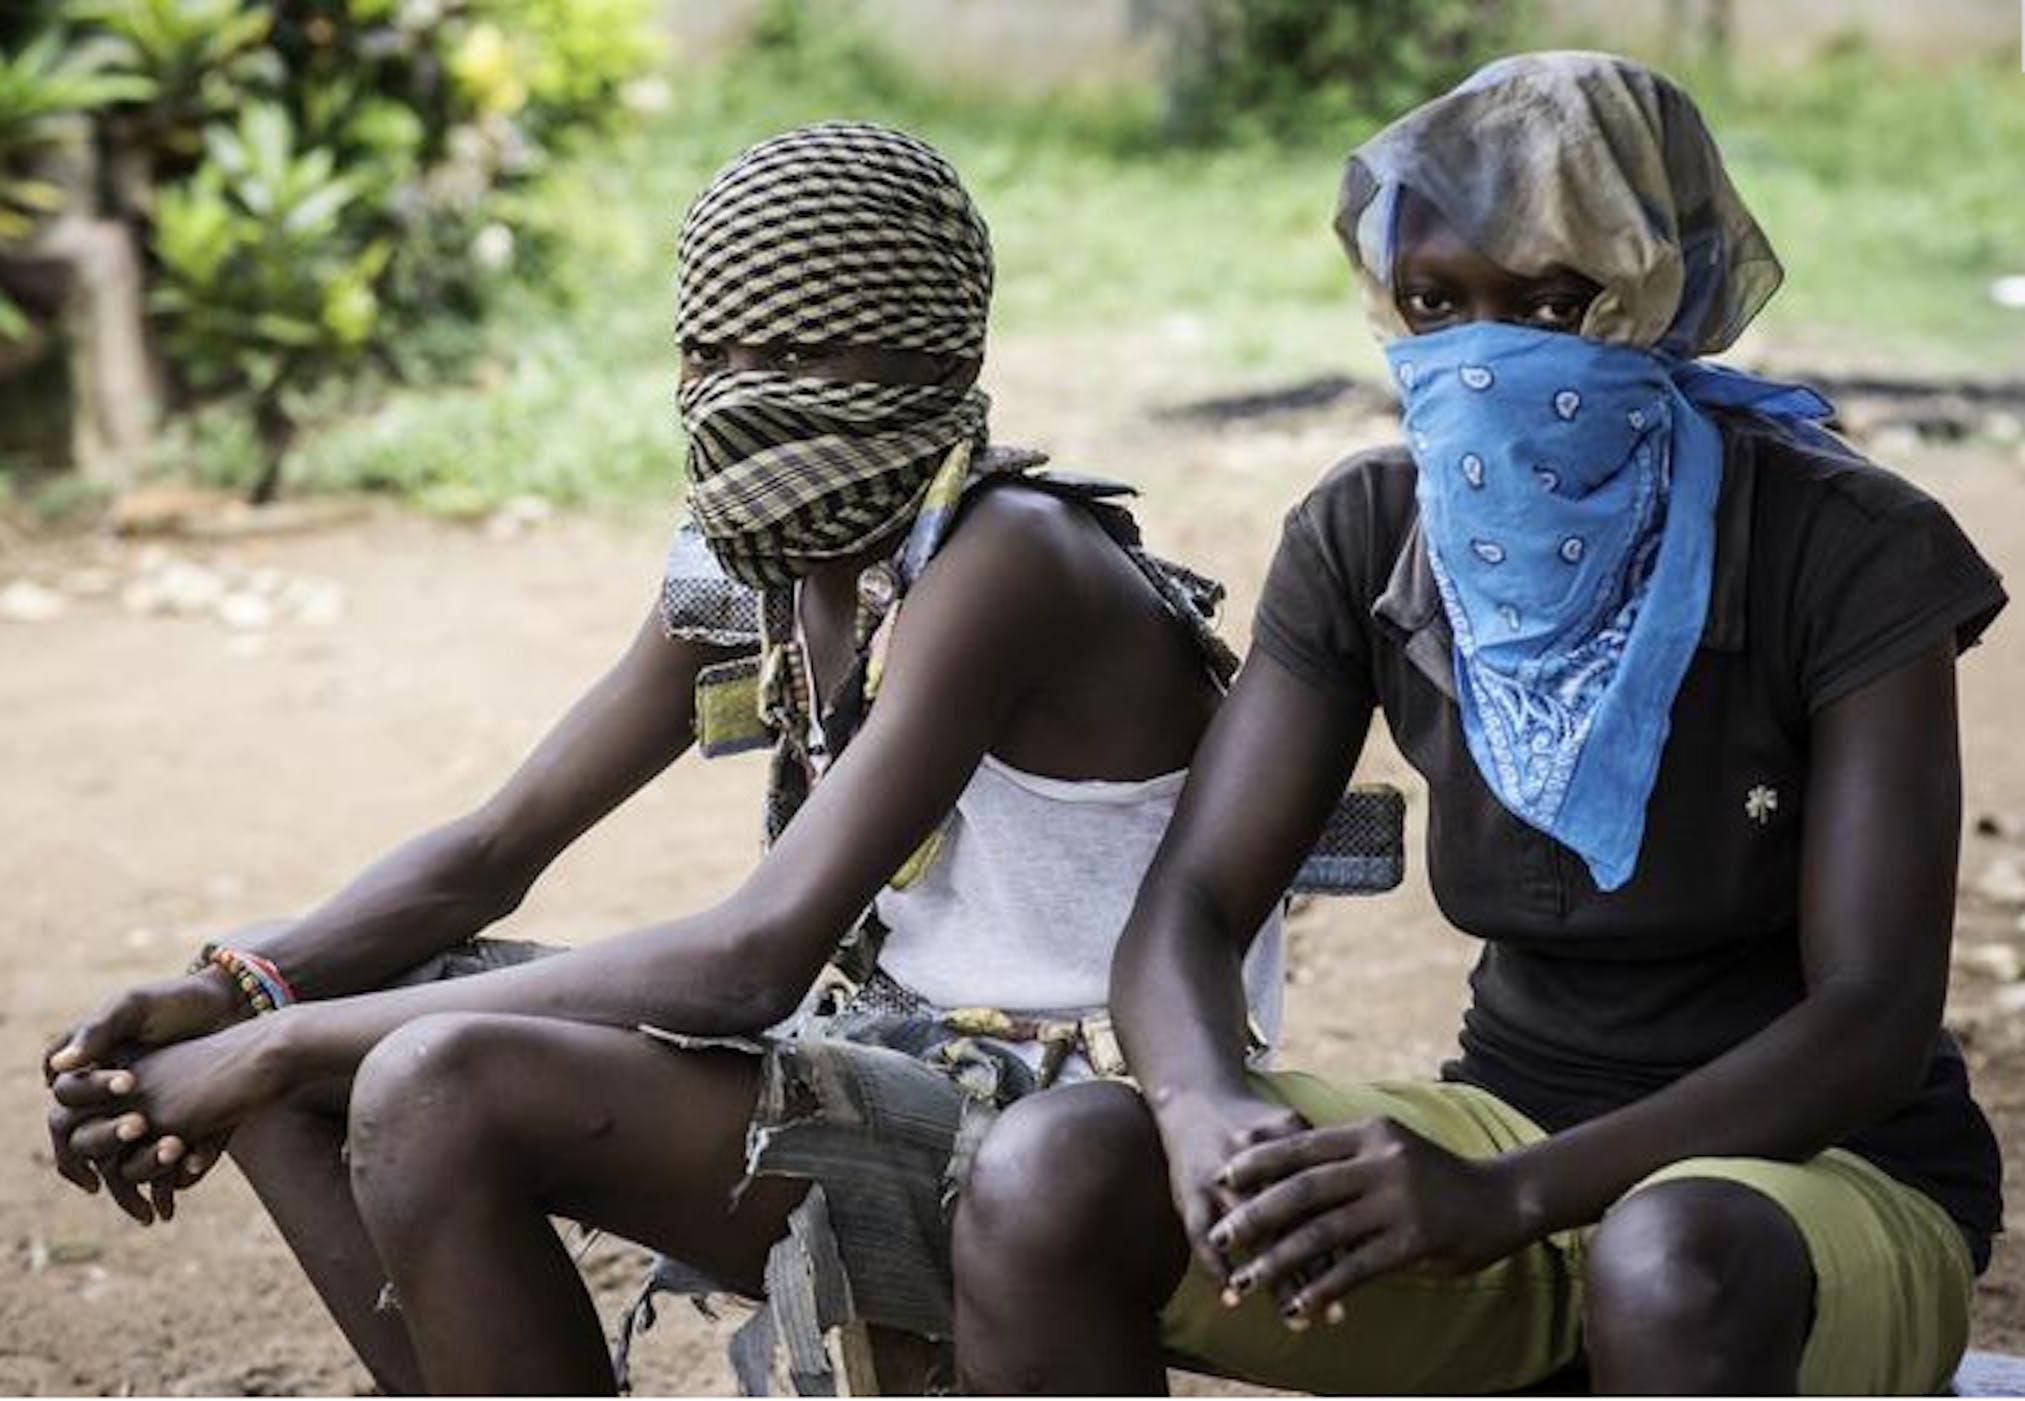 Giovanissimi combattenti nella Repubblica Centrafricana - ©ANSA